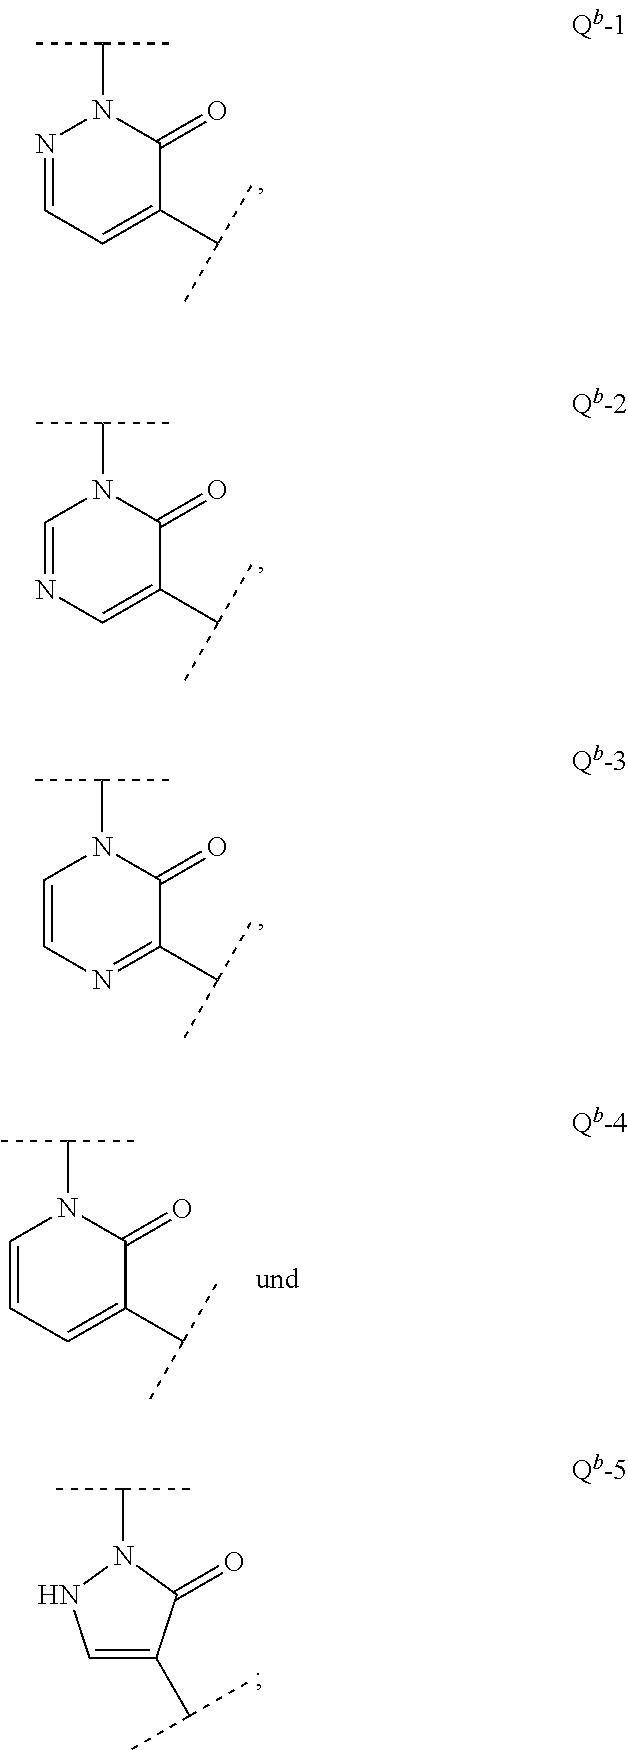 Figure US08895581-20141125-C00004